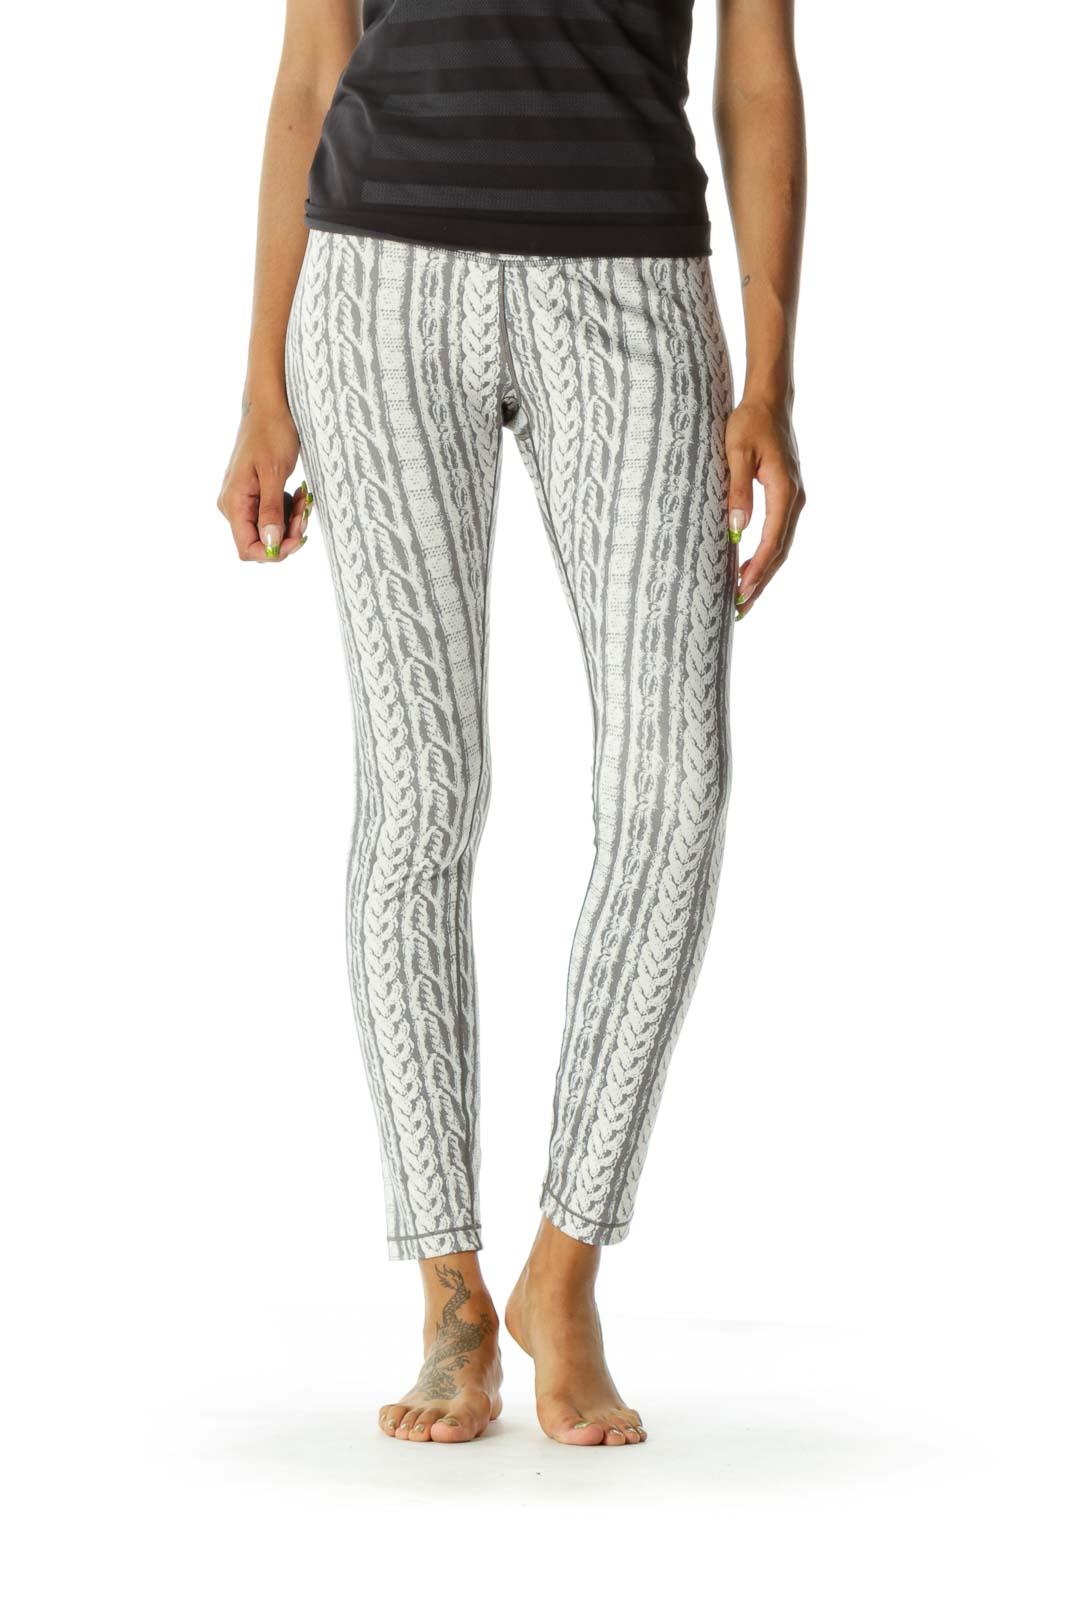 Gray & Cream Snake-Print Yoga Pants